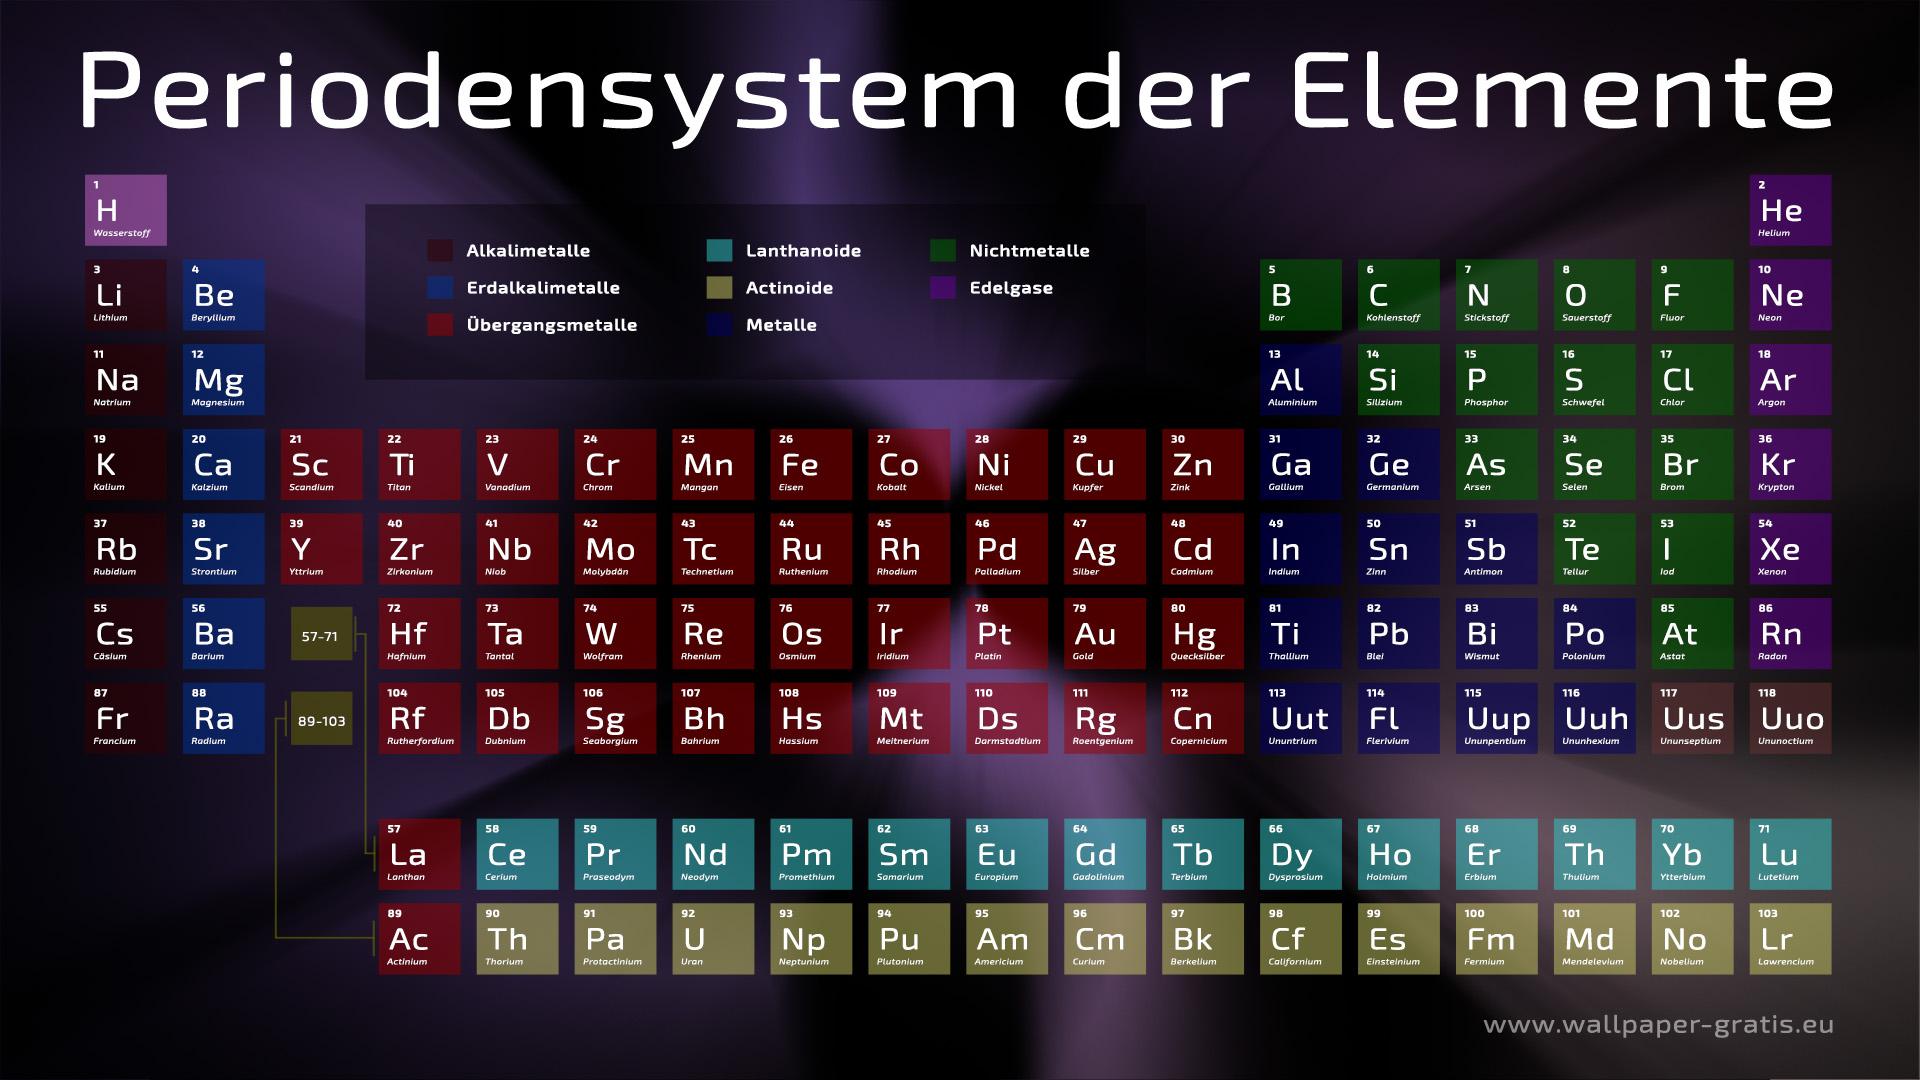 Period periodic table wikipedia 1180887 aks flightfo urtaz Images